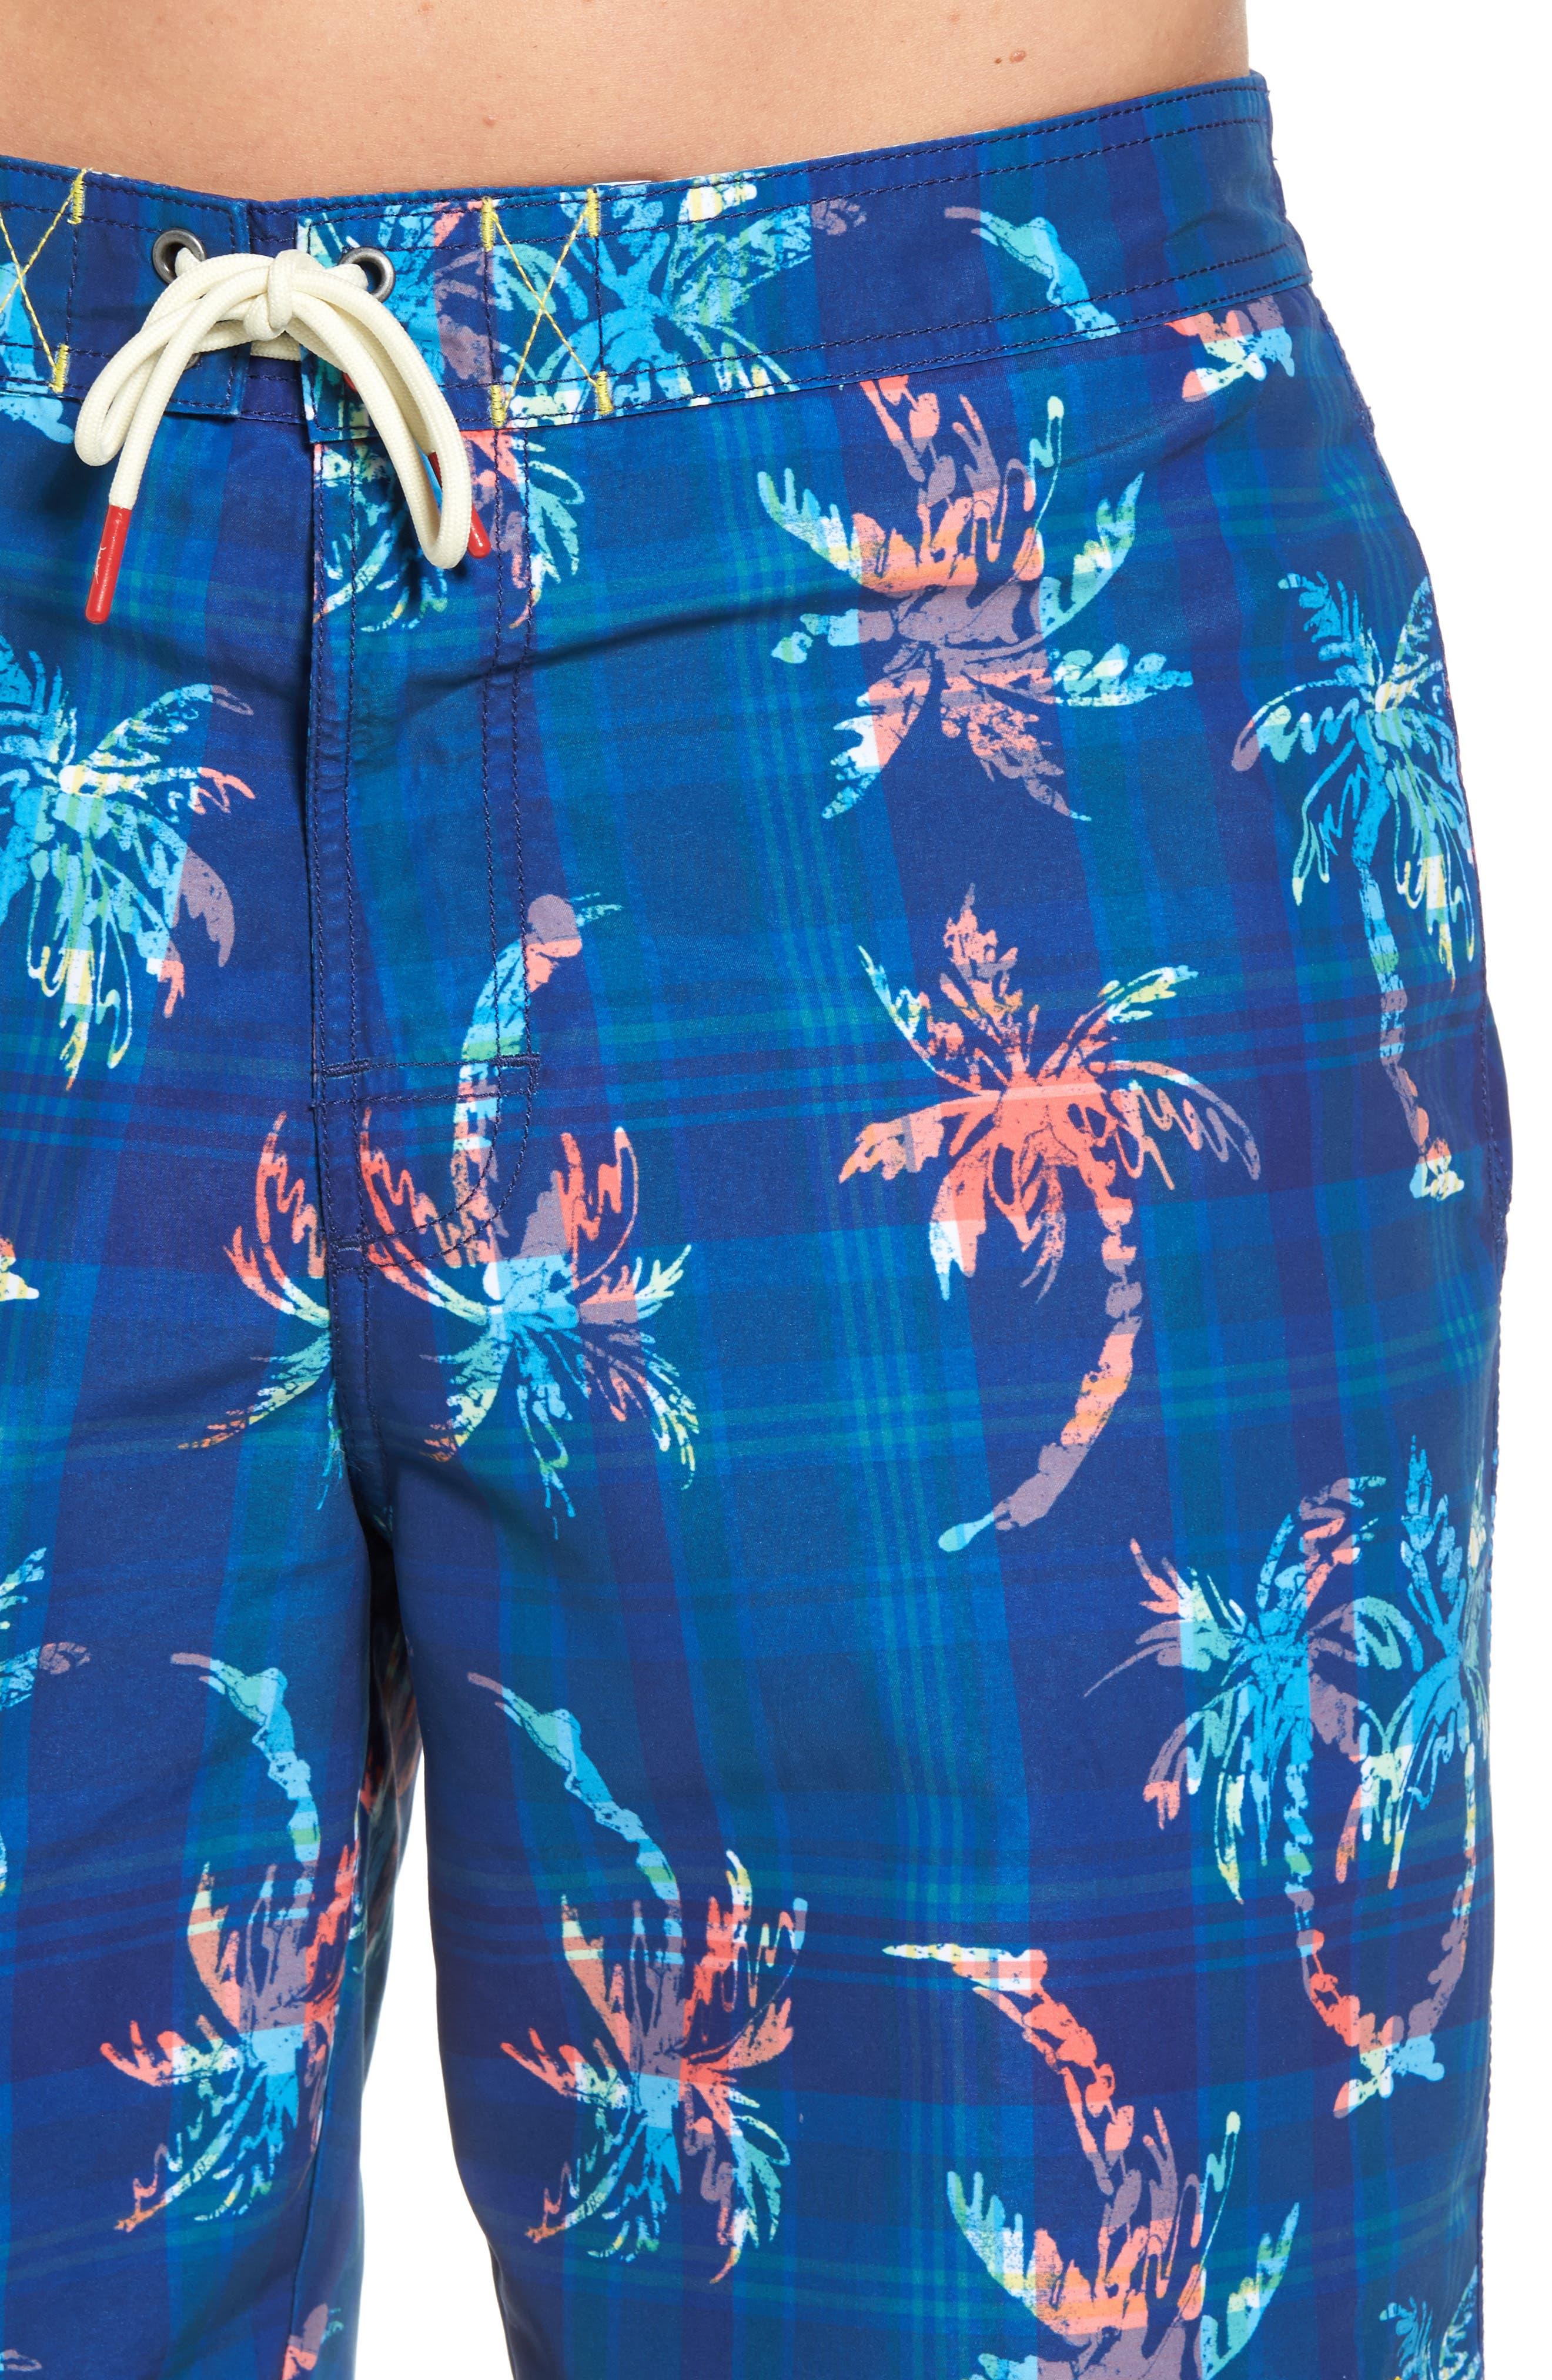 Baja Palm Illusion Swim Trunks,                             Alternate thumbnail 4, color,                             400